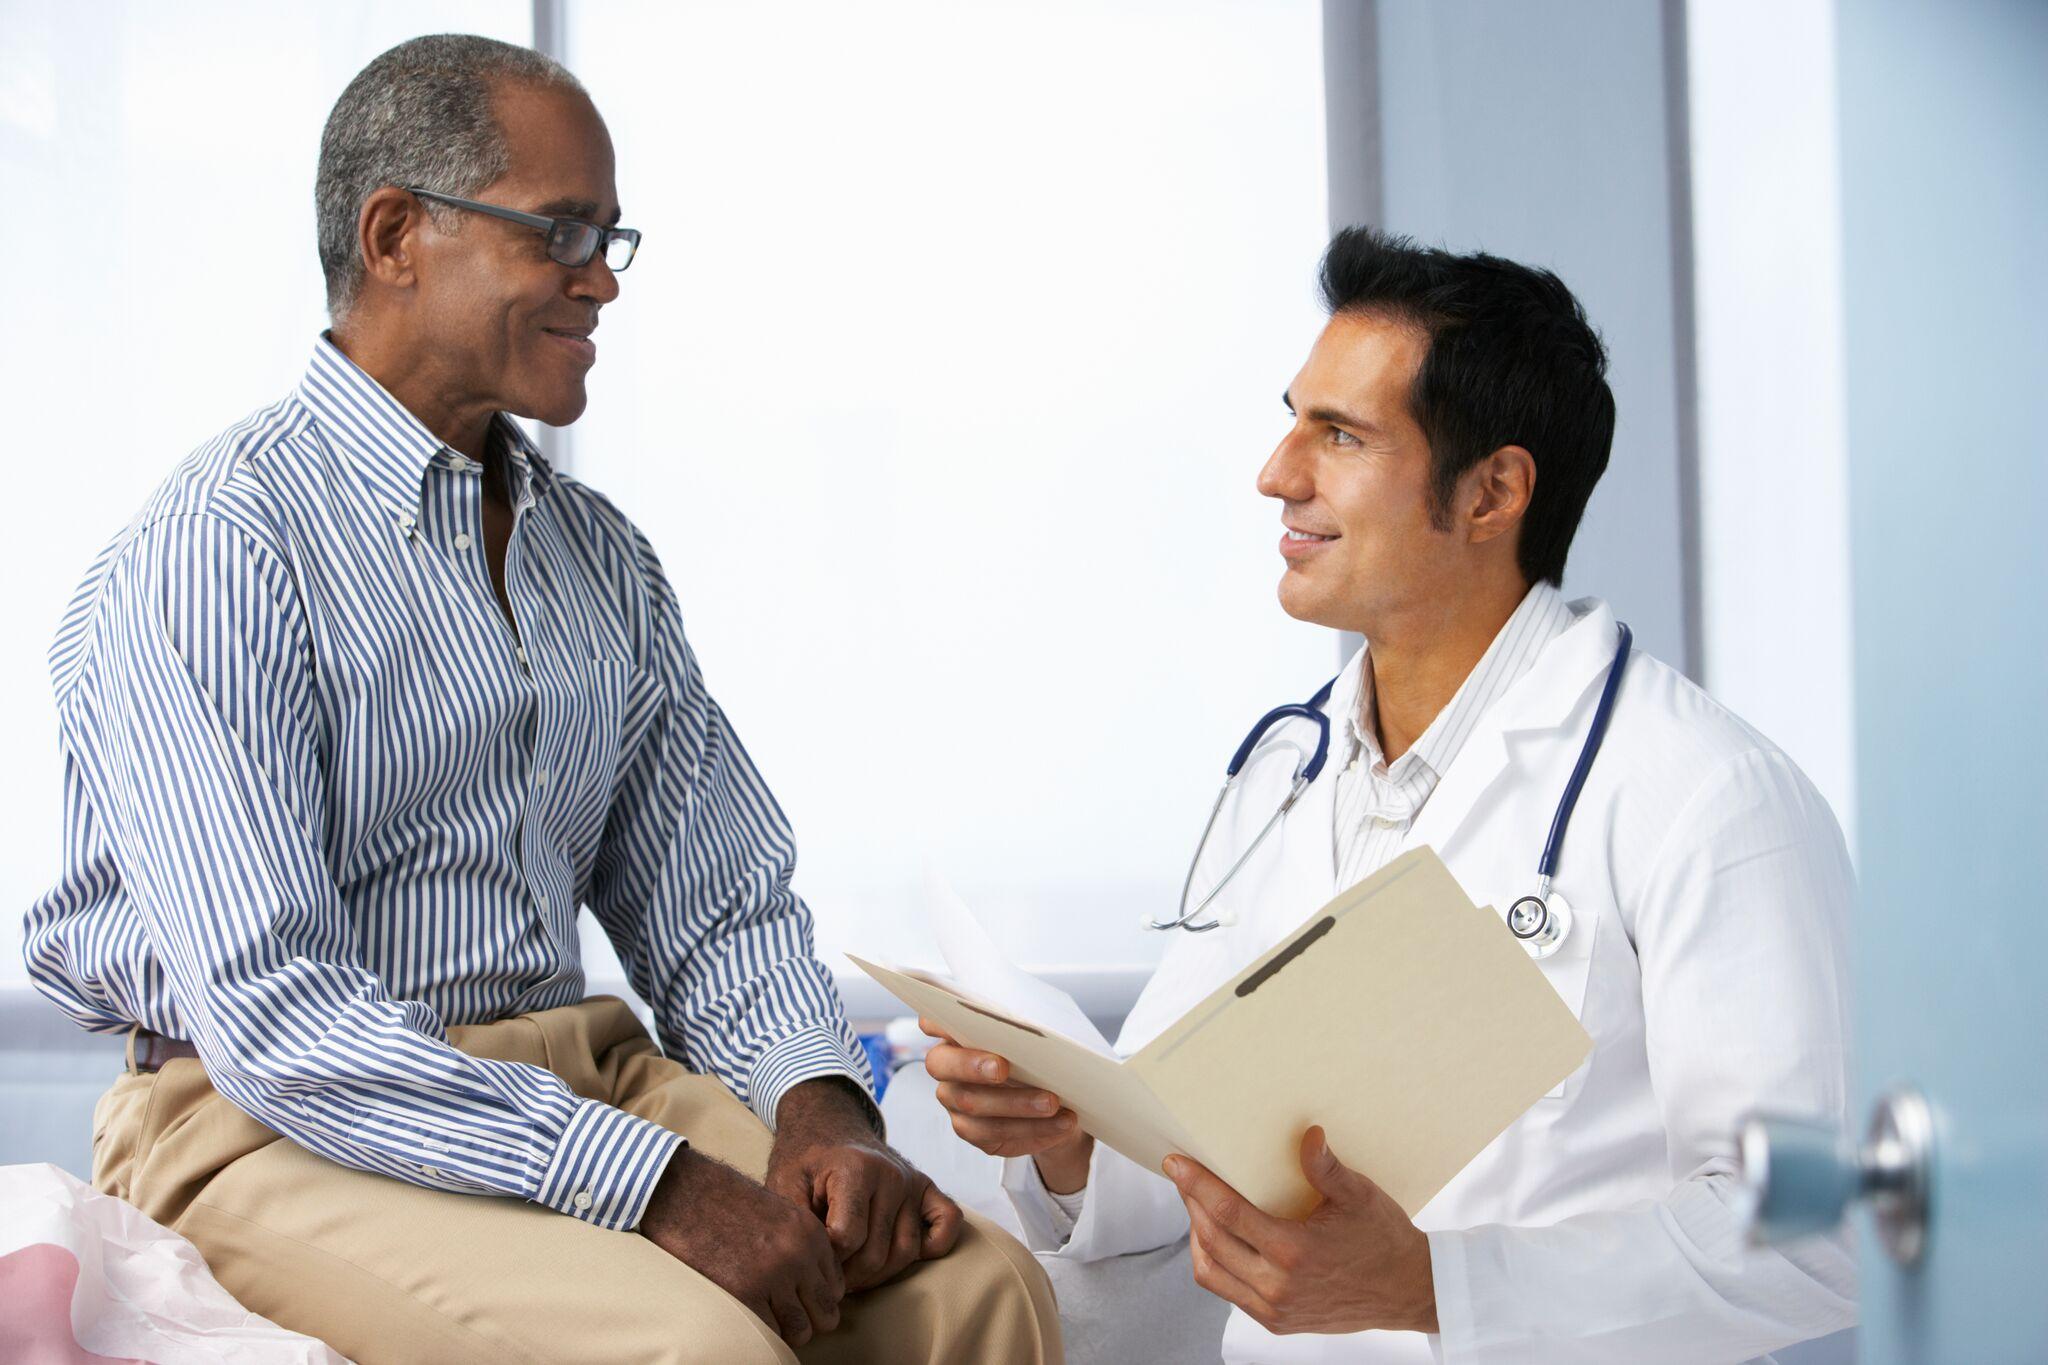 Medico della medicina funzionale | Chiropratico di El Paso, TX